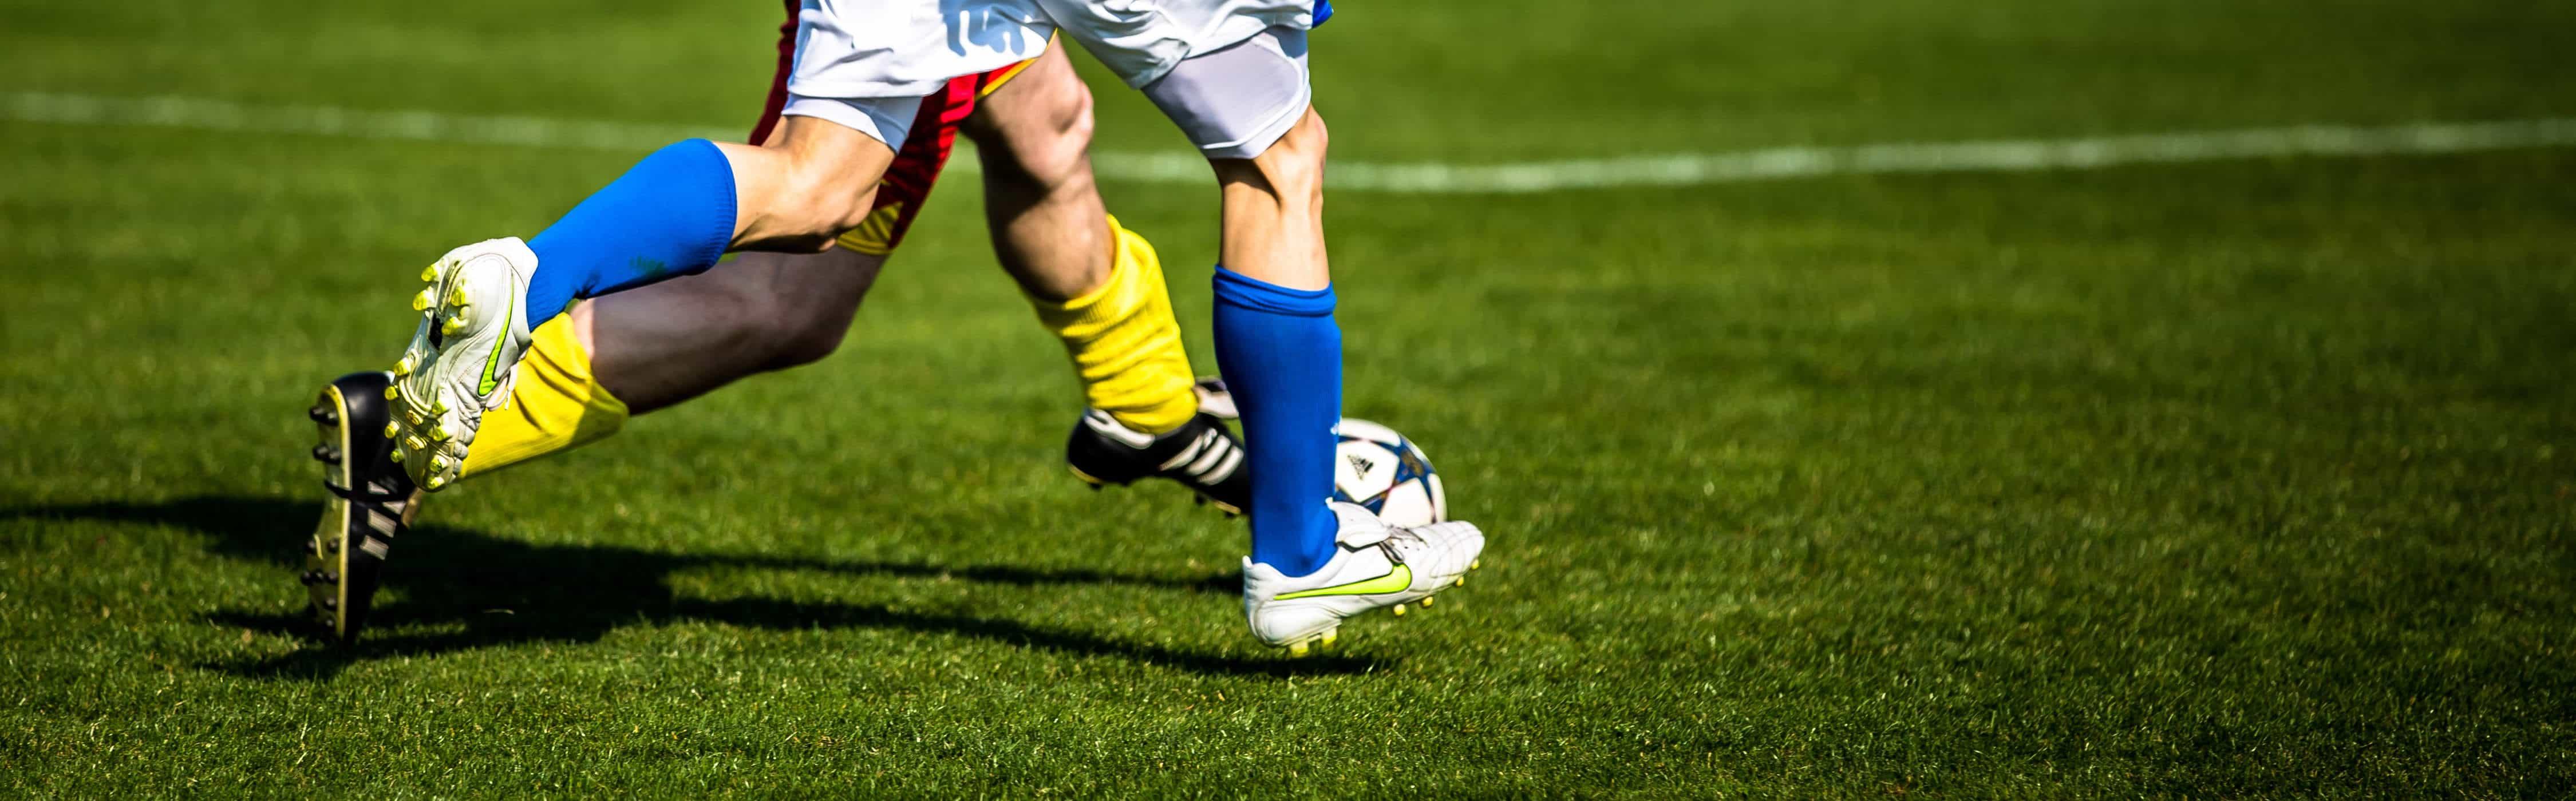 Coverbild der Wallenborn Sporthopädie GmbH